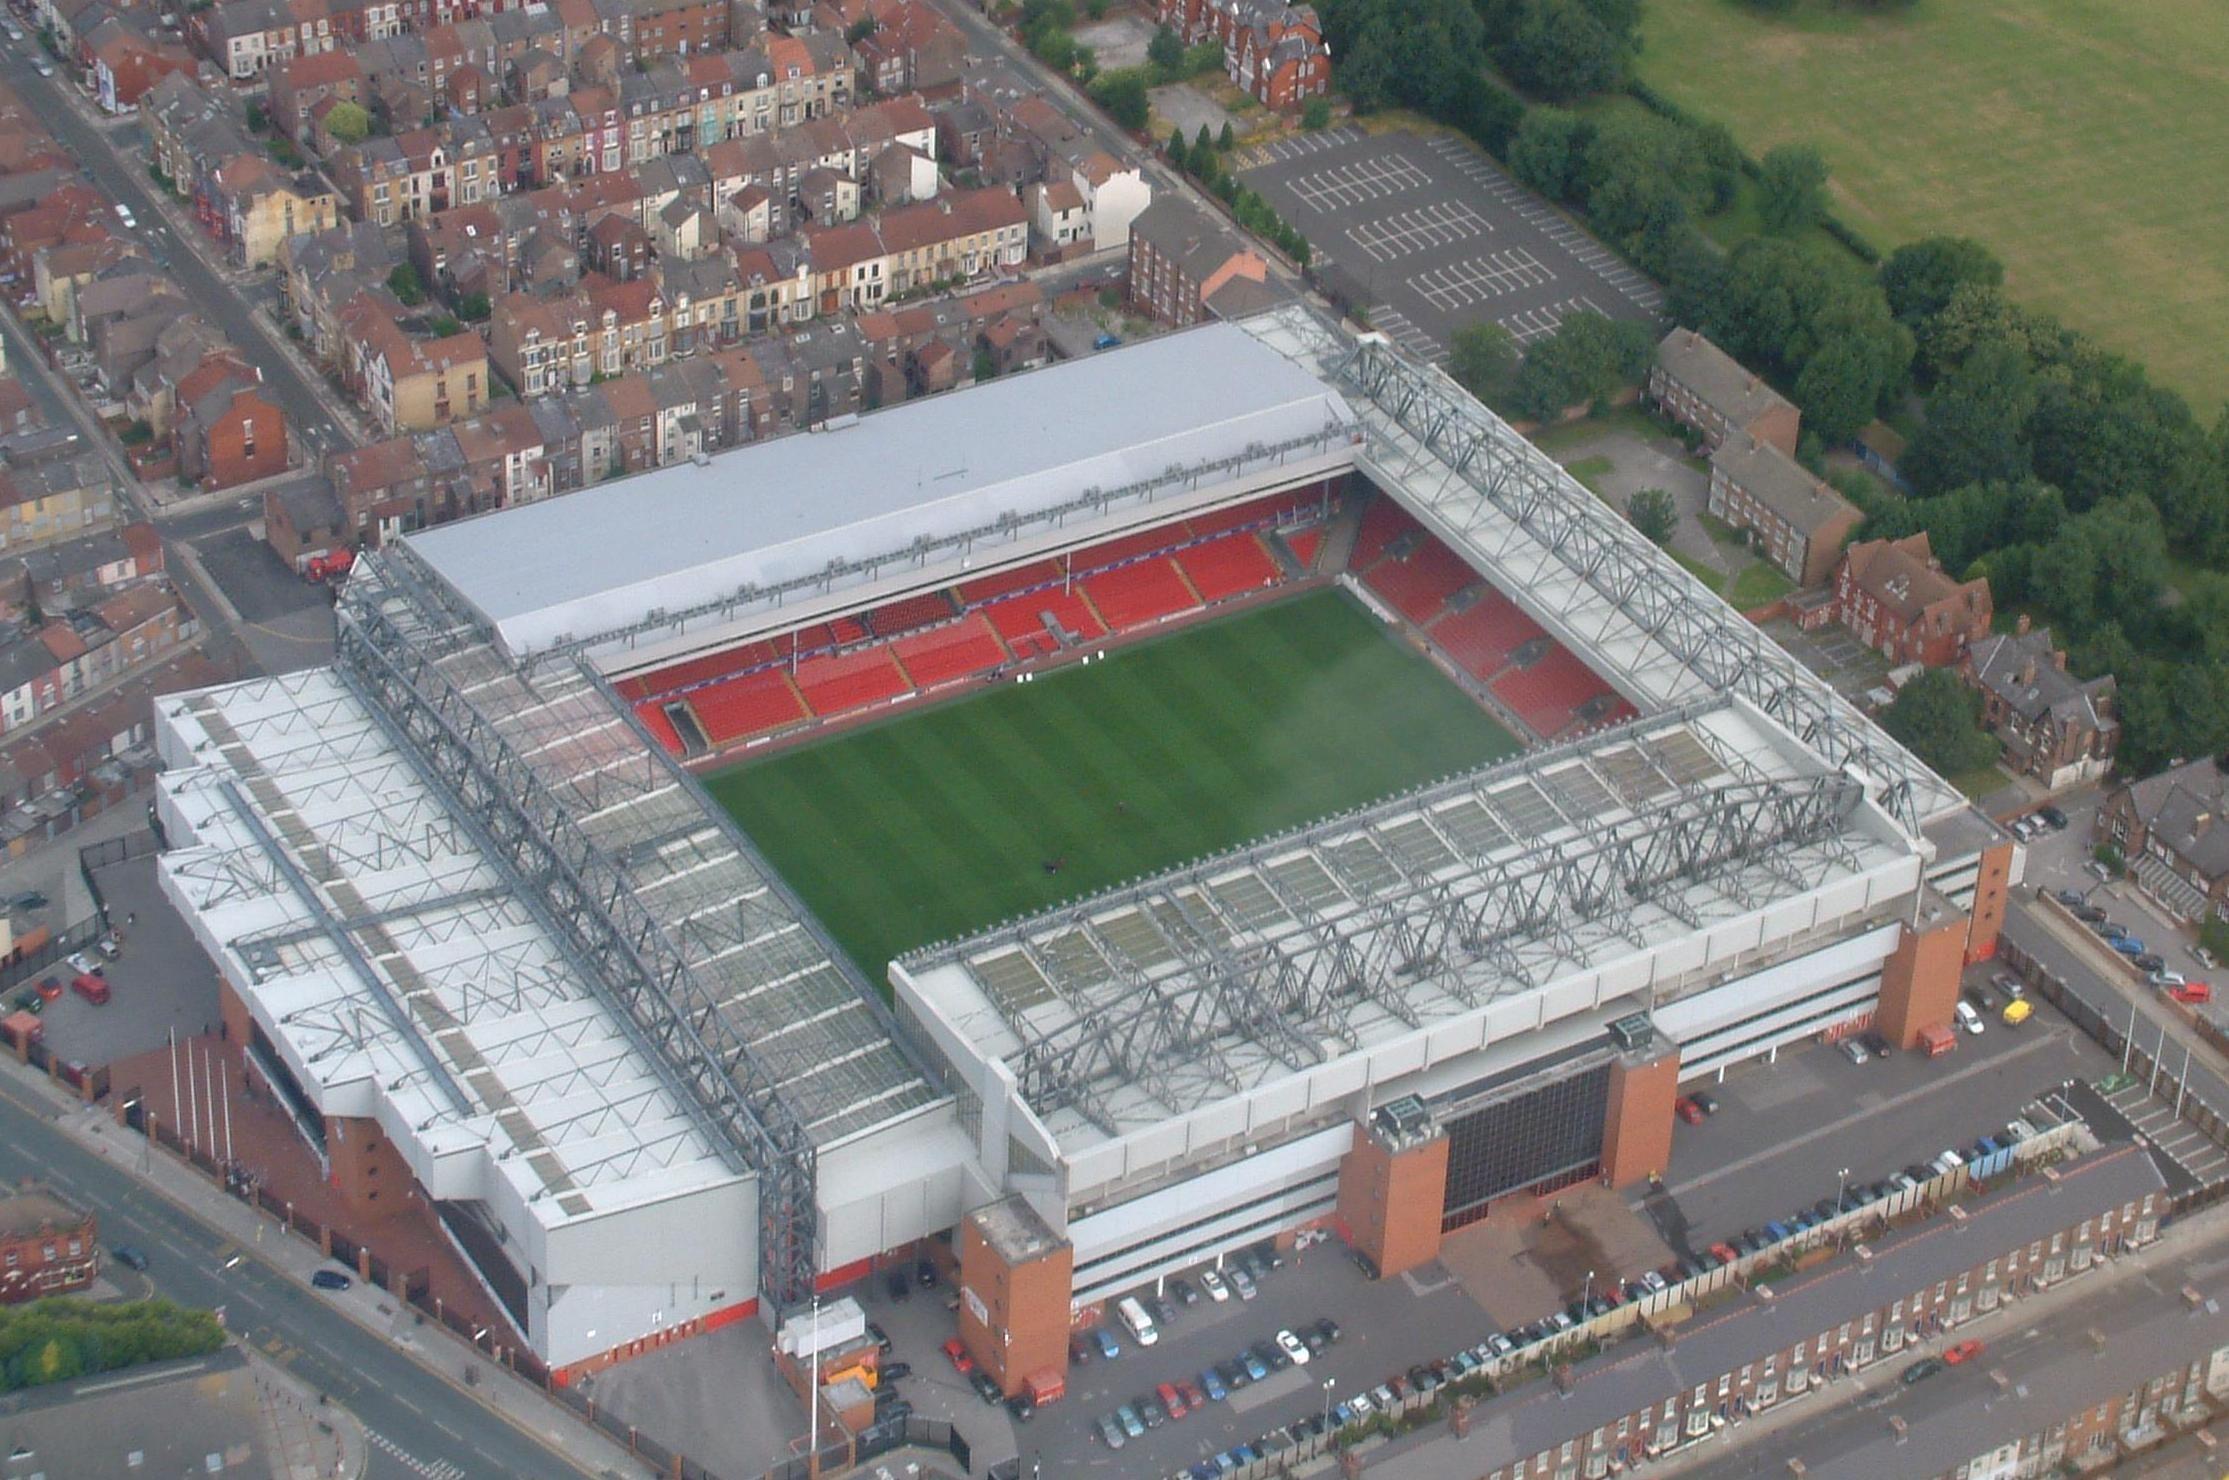 ¿Quién juega en Anfield?